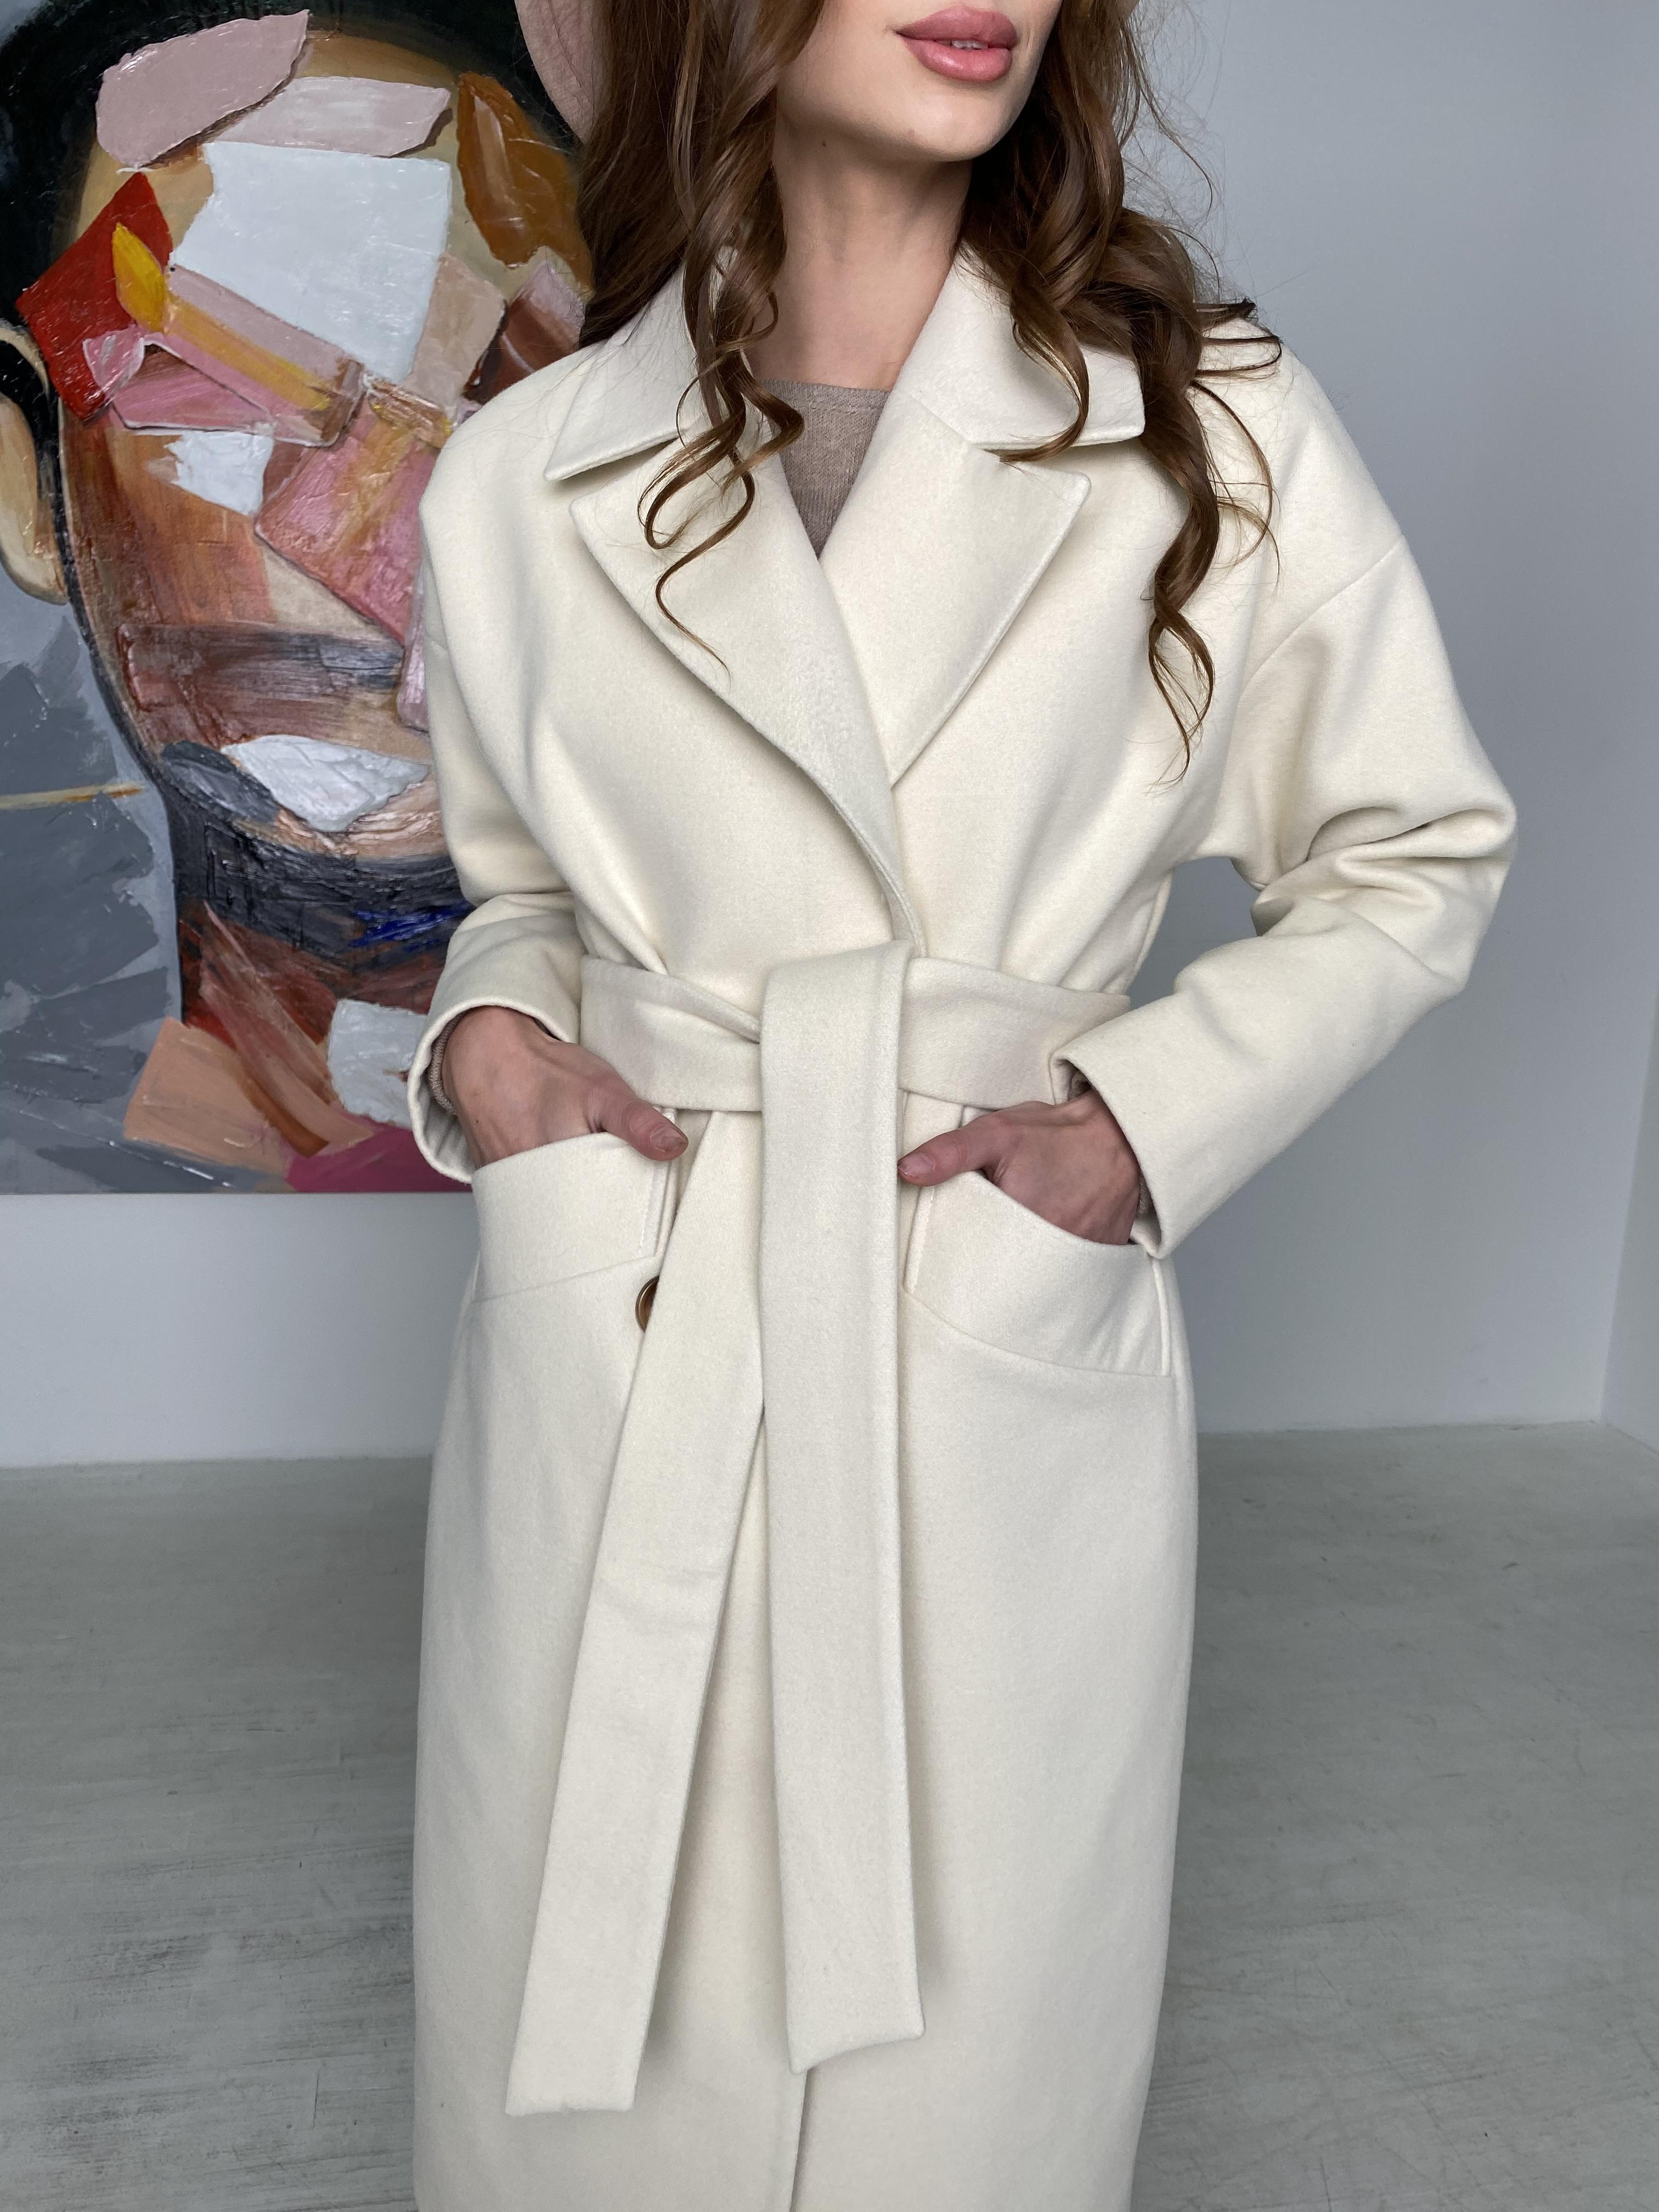 Сенсей пальто макси из кашемира   10309 АРТ. 46615 Цвет: молоко - фото 1, интернет магазин tm-modus.ru